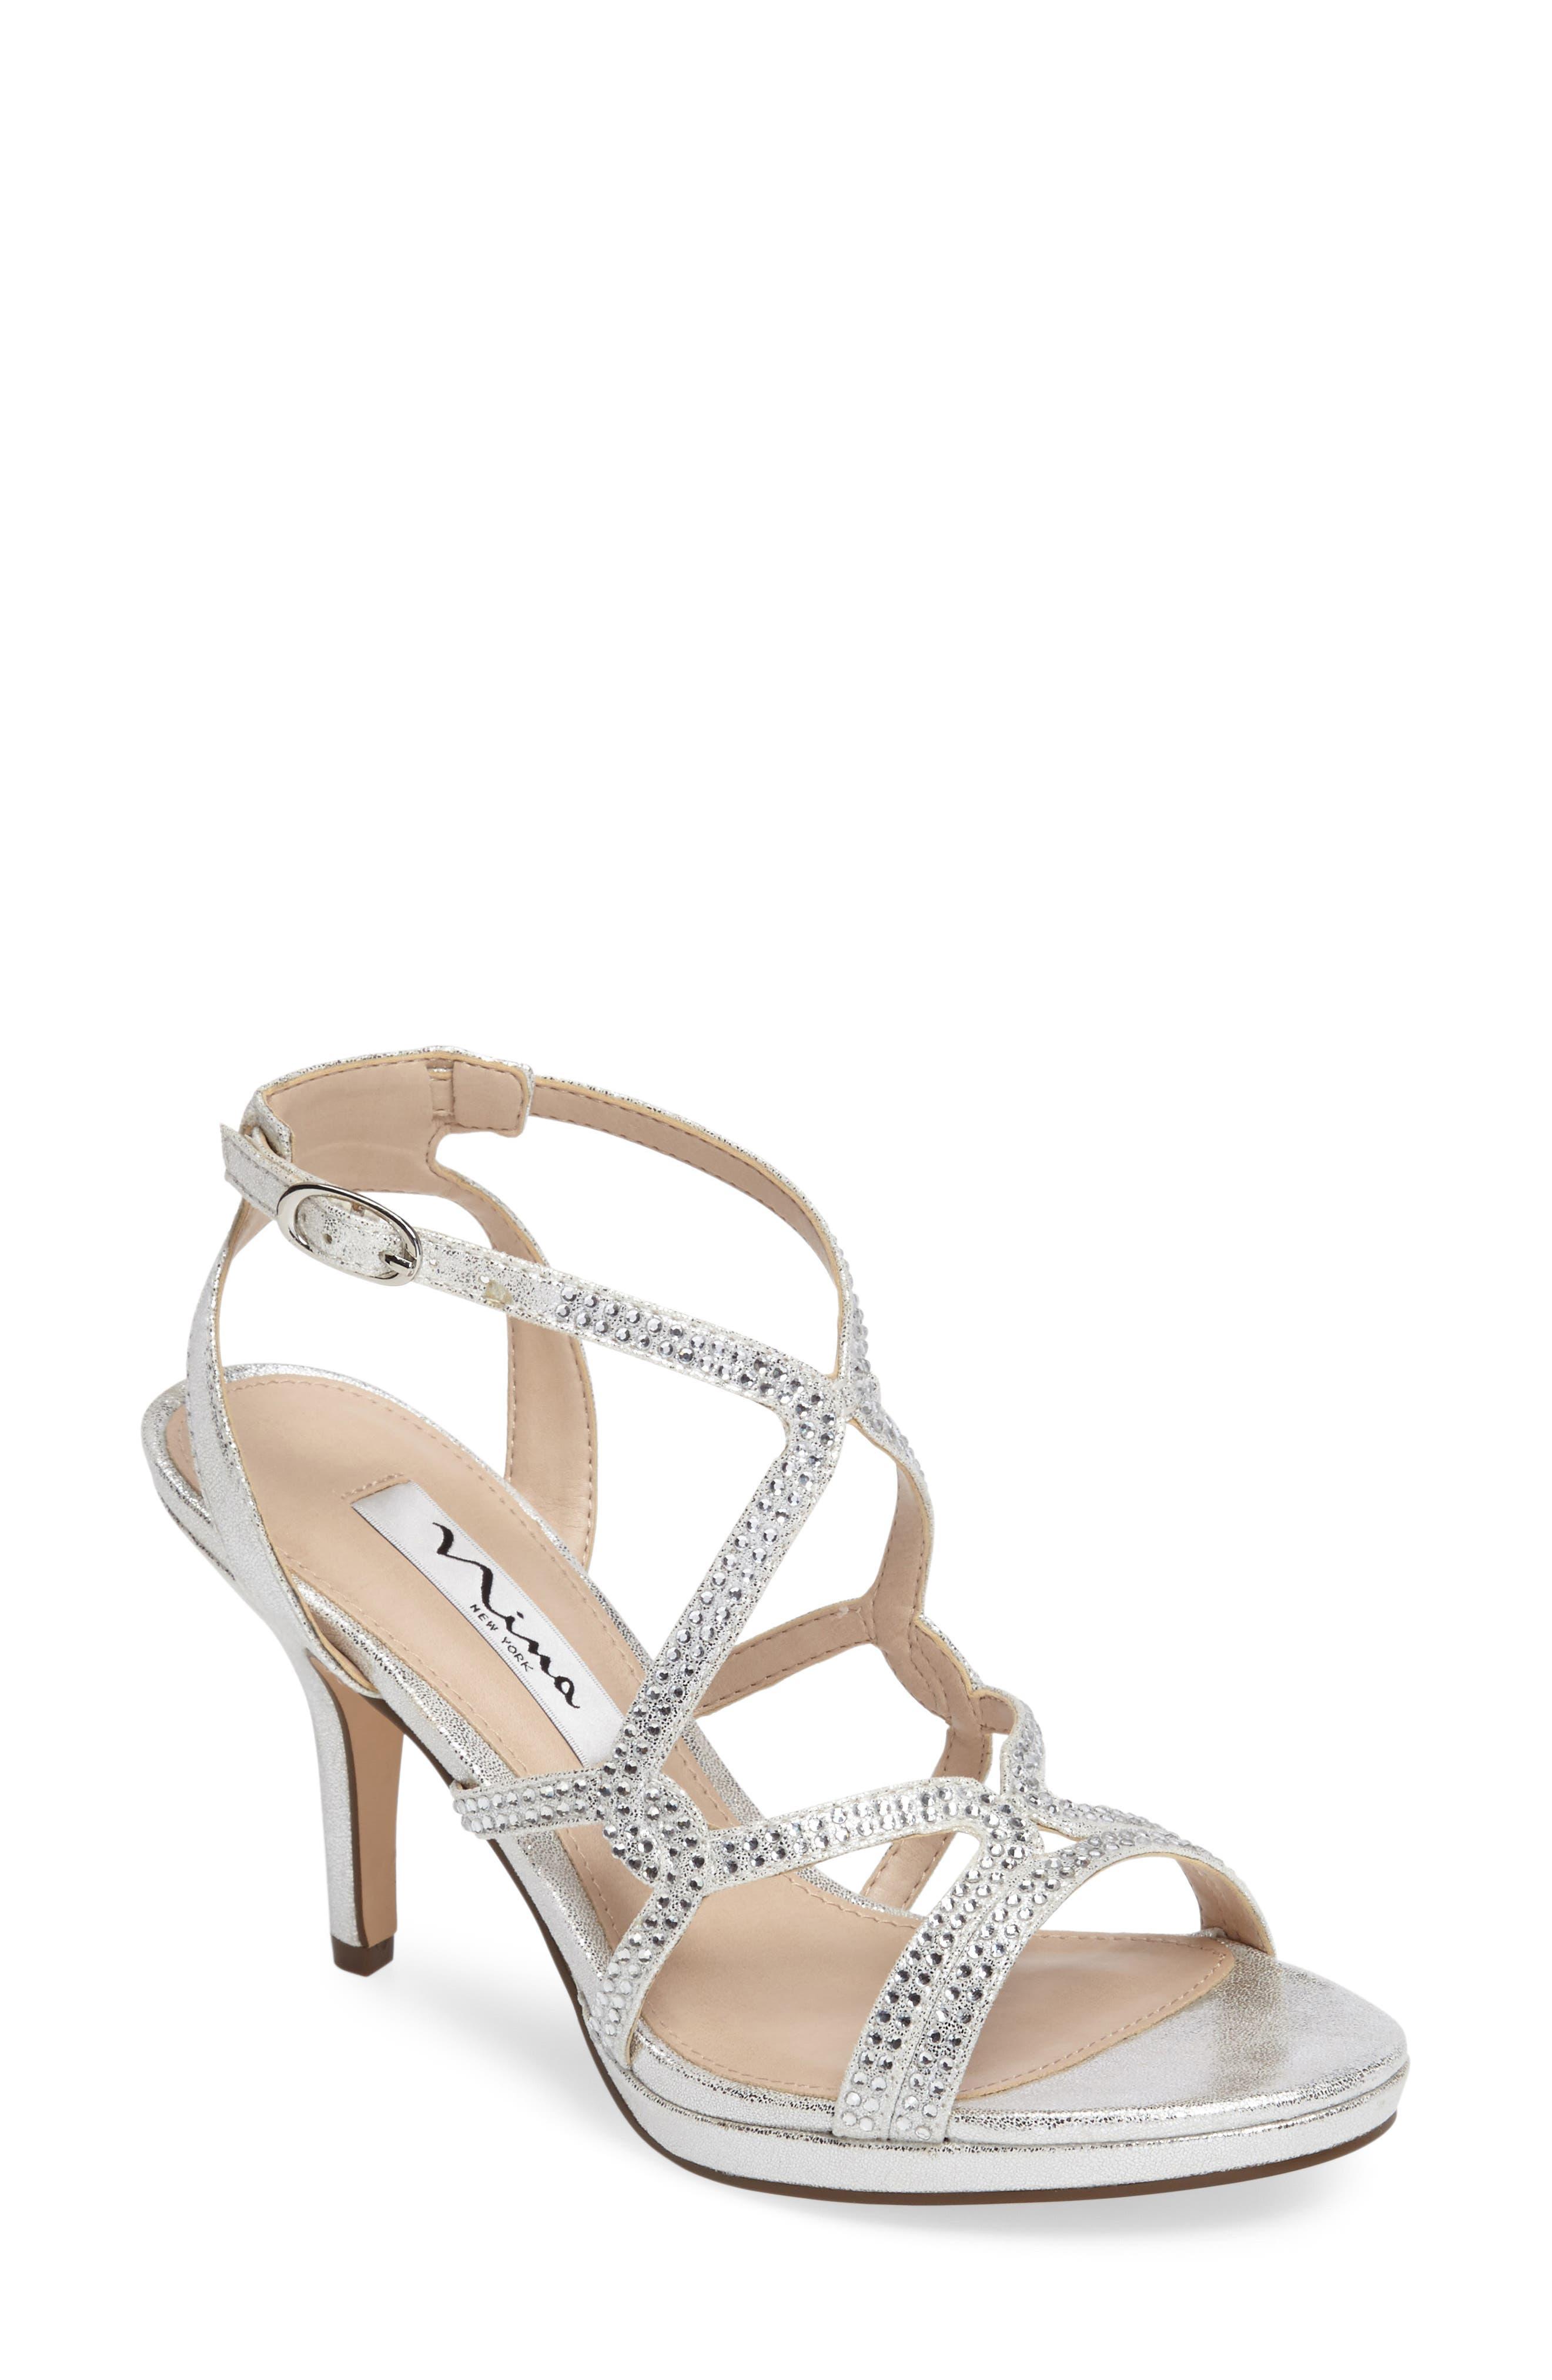 Varsha Crystal Embellished Evening Sandal,                             Alternate thumbnail 2, color,                             041